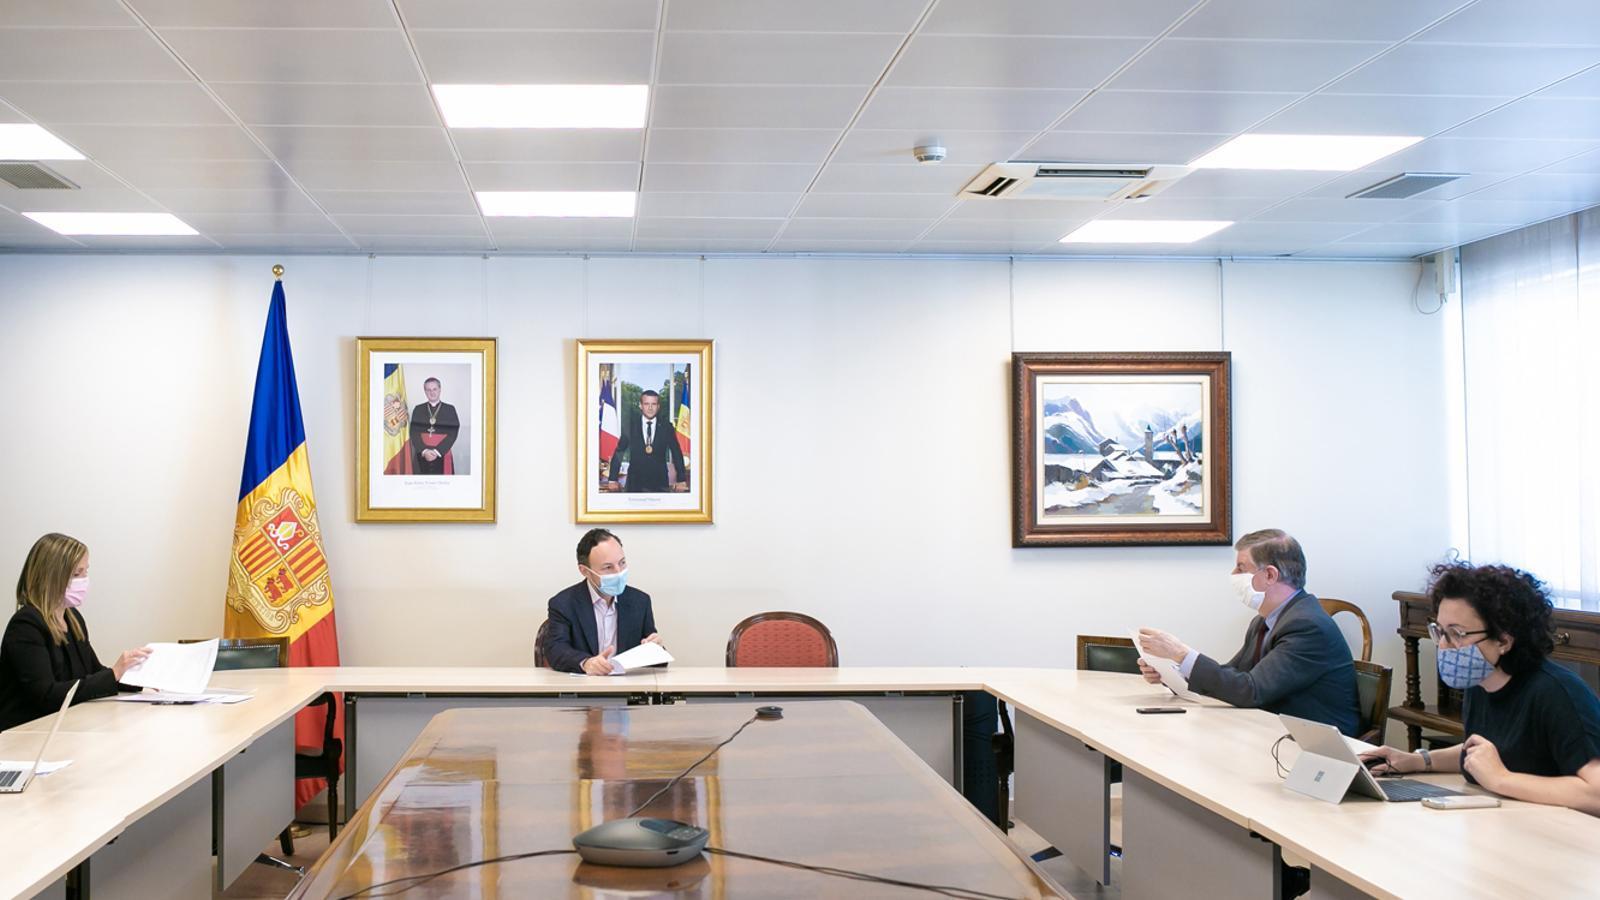 Un moment de la reunió del cap de Govern, Xavier Espot, i la ministra de Funció Pública, Judit Pallarés, amb el president del Consell Superior de la Justícia, Enric Casadevall, i la vicepresidenta de l'ens Maika Torres. / SFG